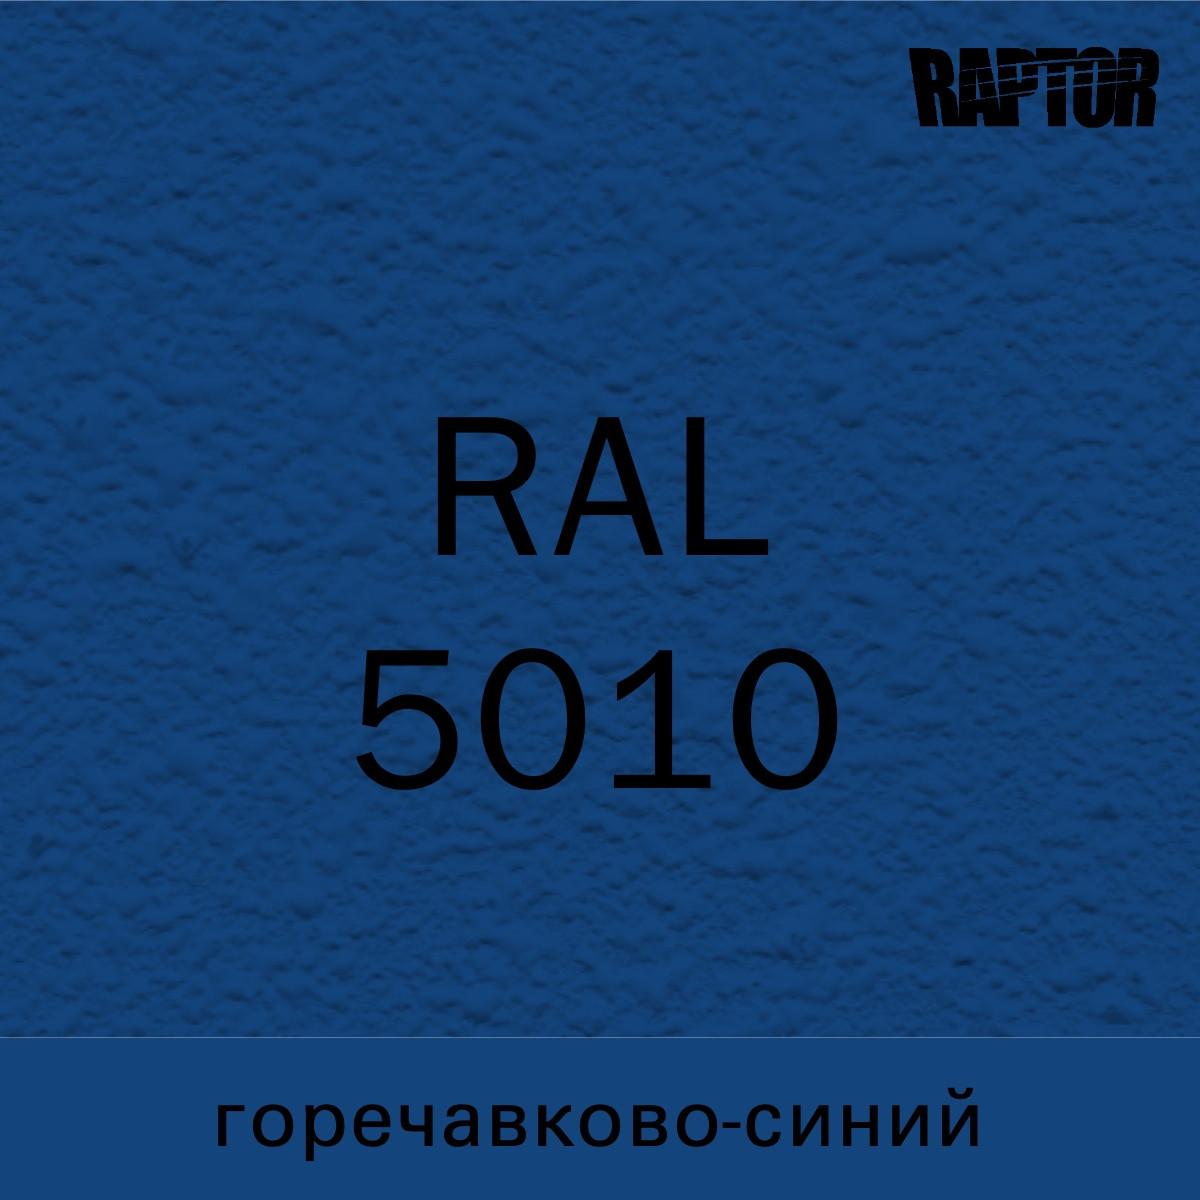 Пигмент для колеровки покрытия RAPTOR™ Горечавково-синий (RAL 5010)